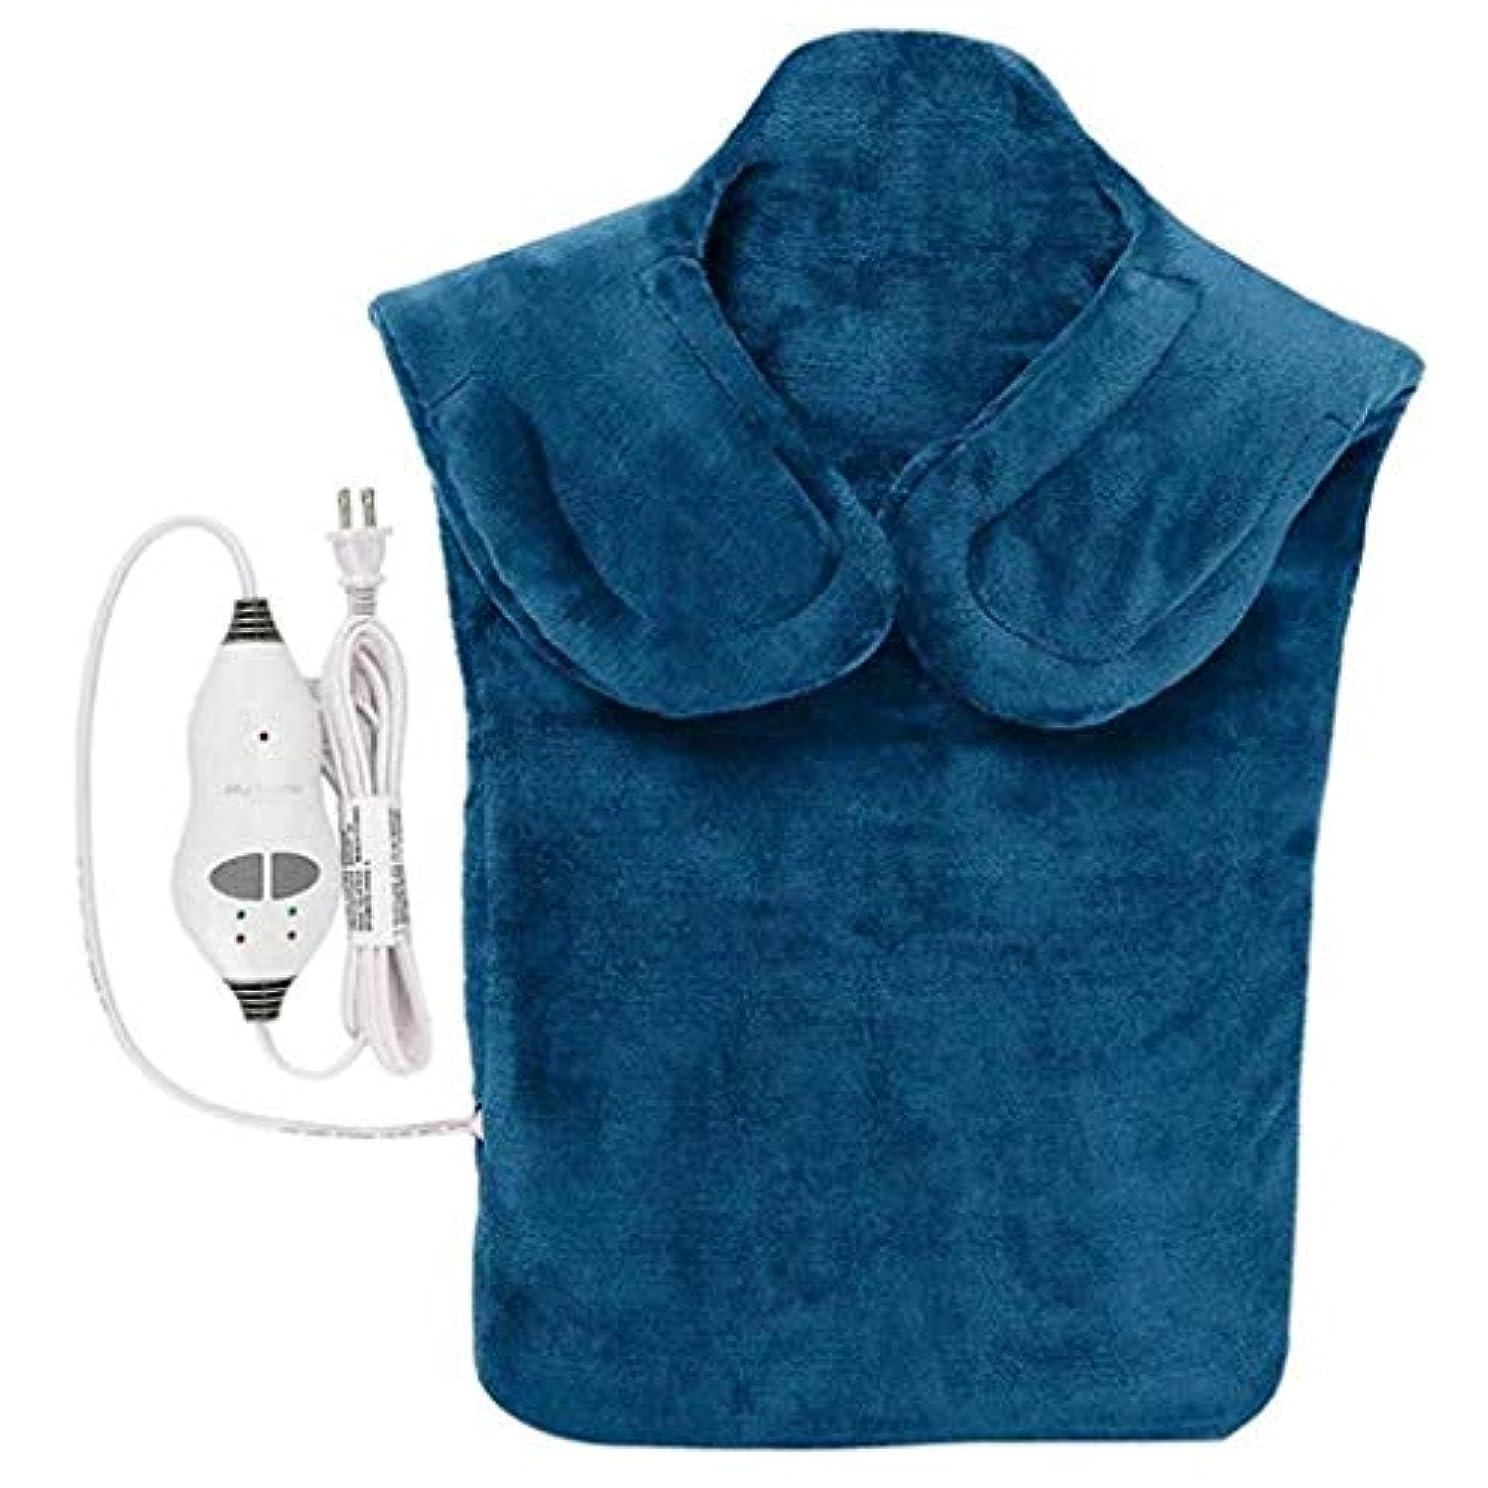 温室戦士エールネックマッサージャー、電気マッサージ器、首暖房パッド、フランネルヘルスケアパッケージ首/肩/戻る血液循環を促進、筋肉の痛みを和らげる、暖かい保つために (Color : 青, Size : One size)